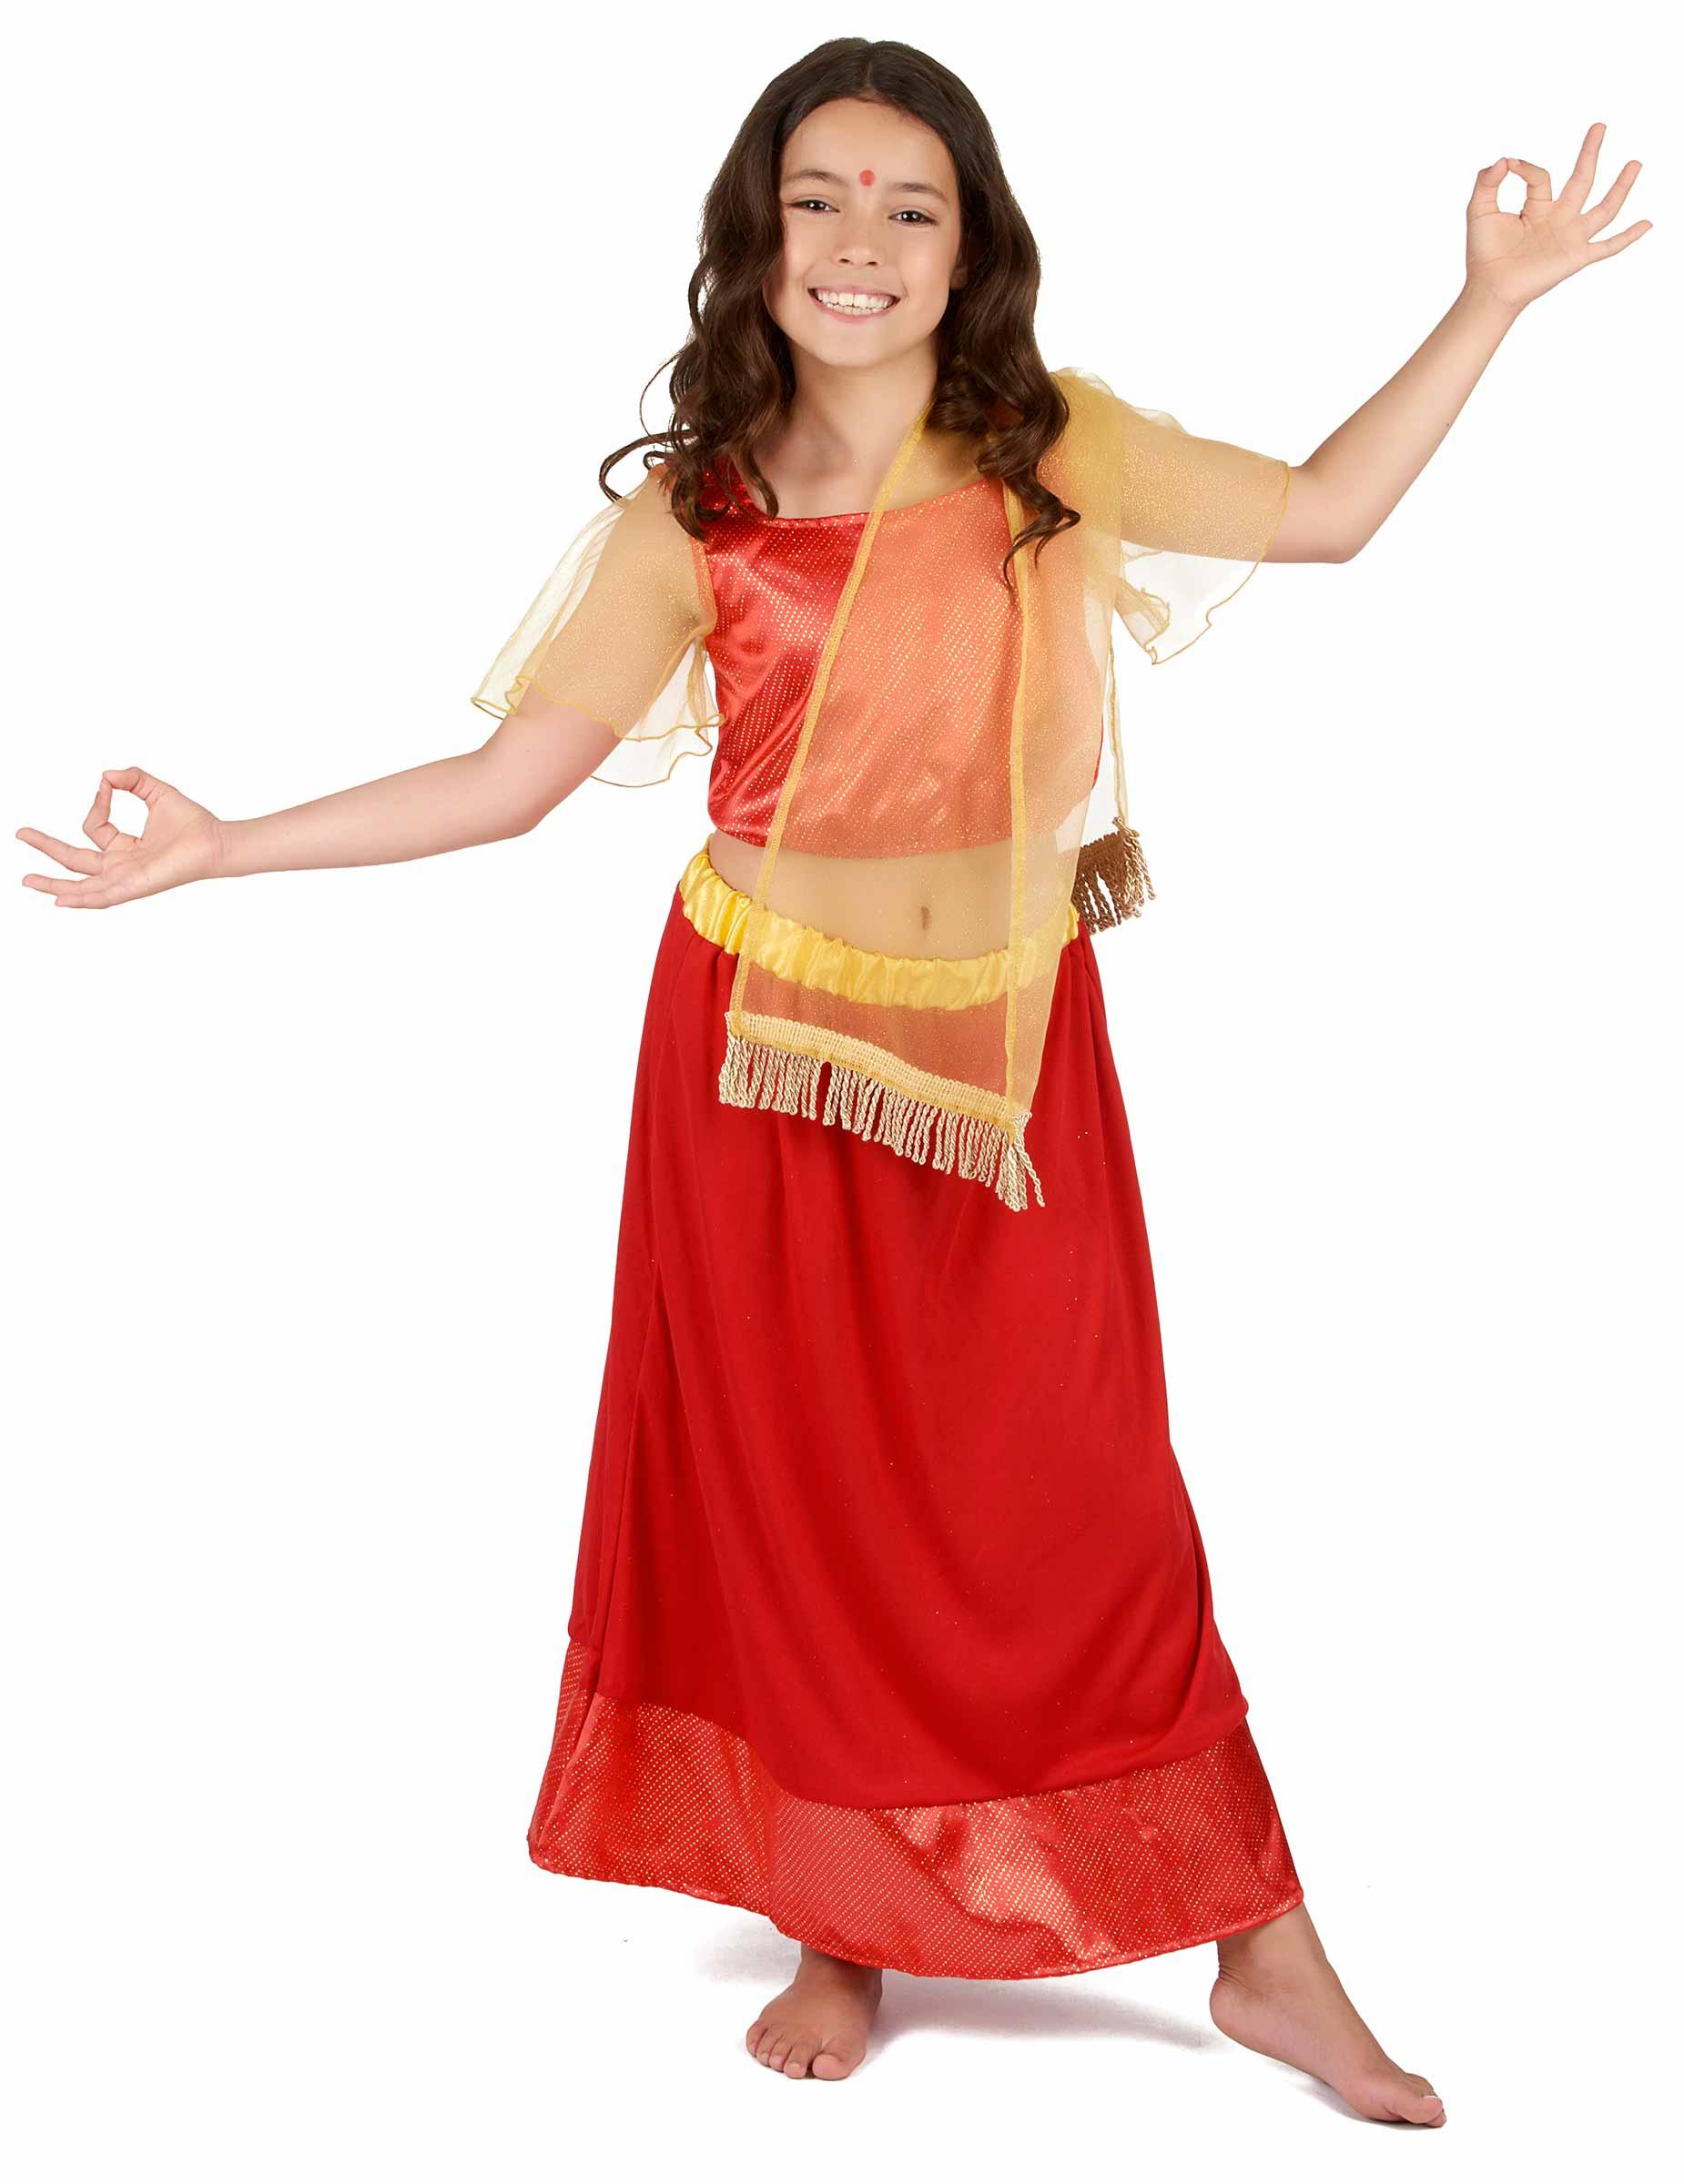 51352813fc51c Costumi di Carnevale per ragazze di tutte le età - Vegaoo.it